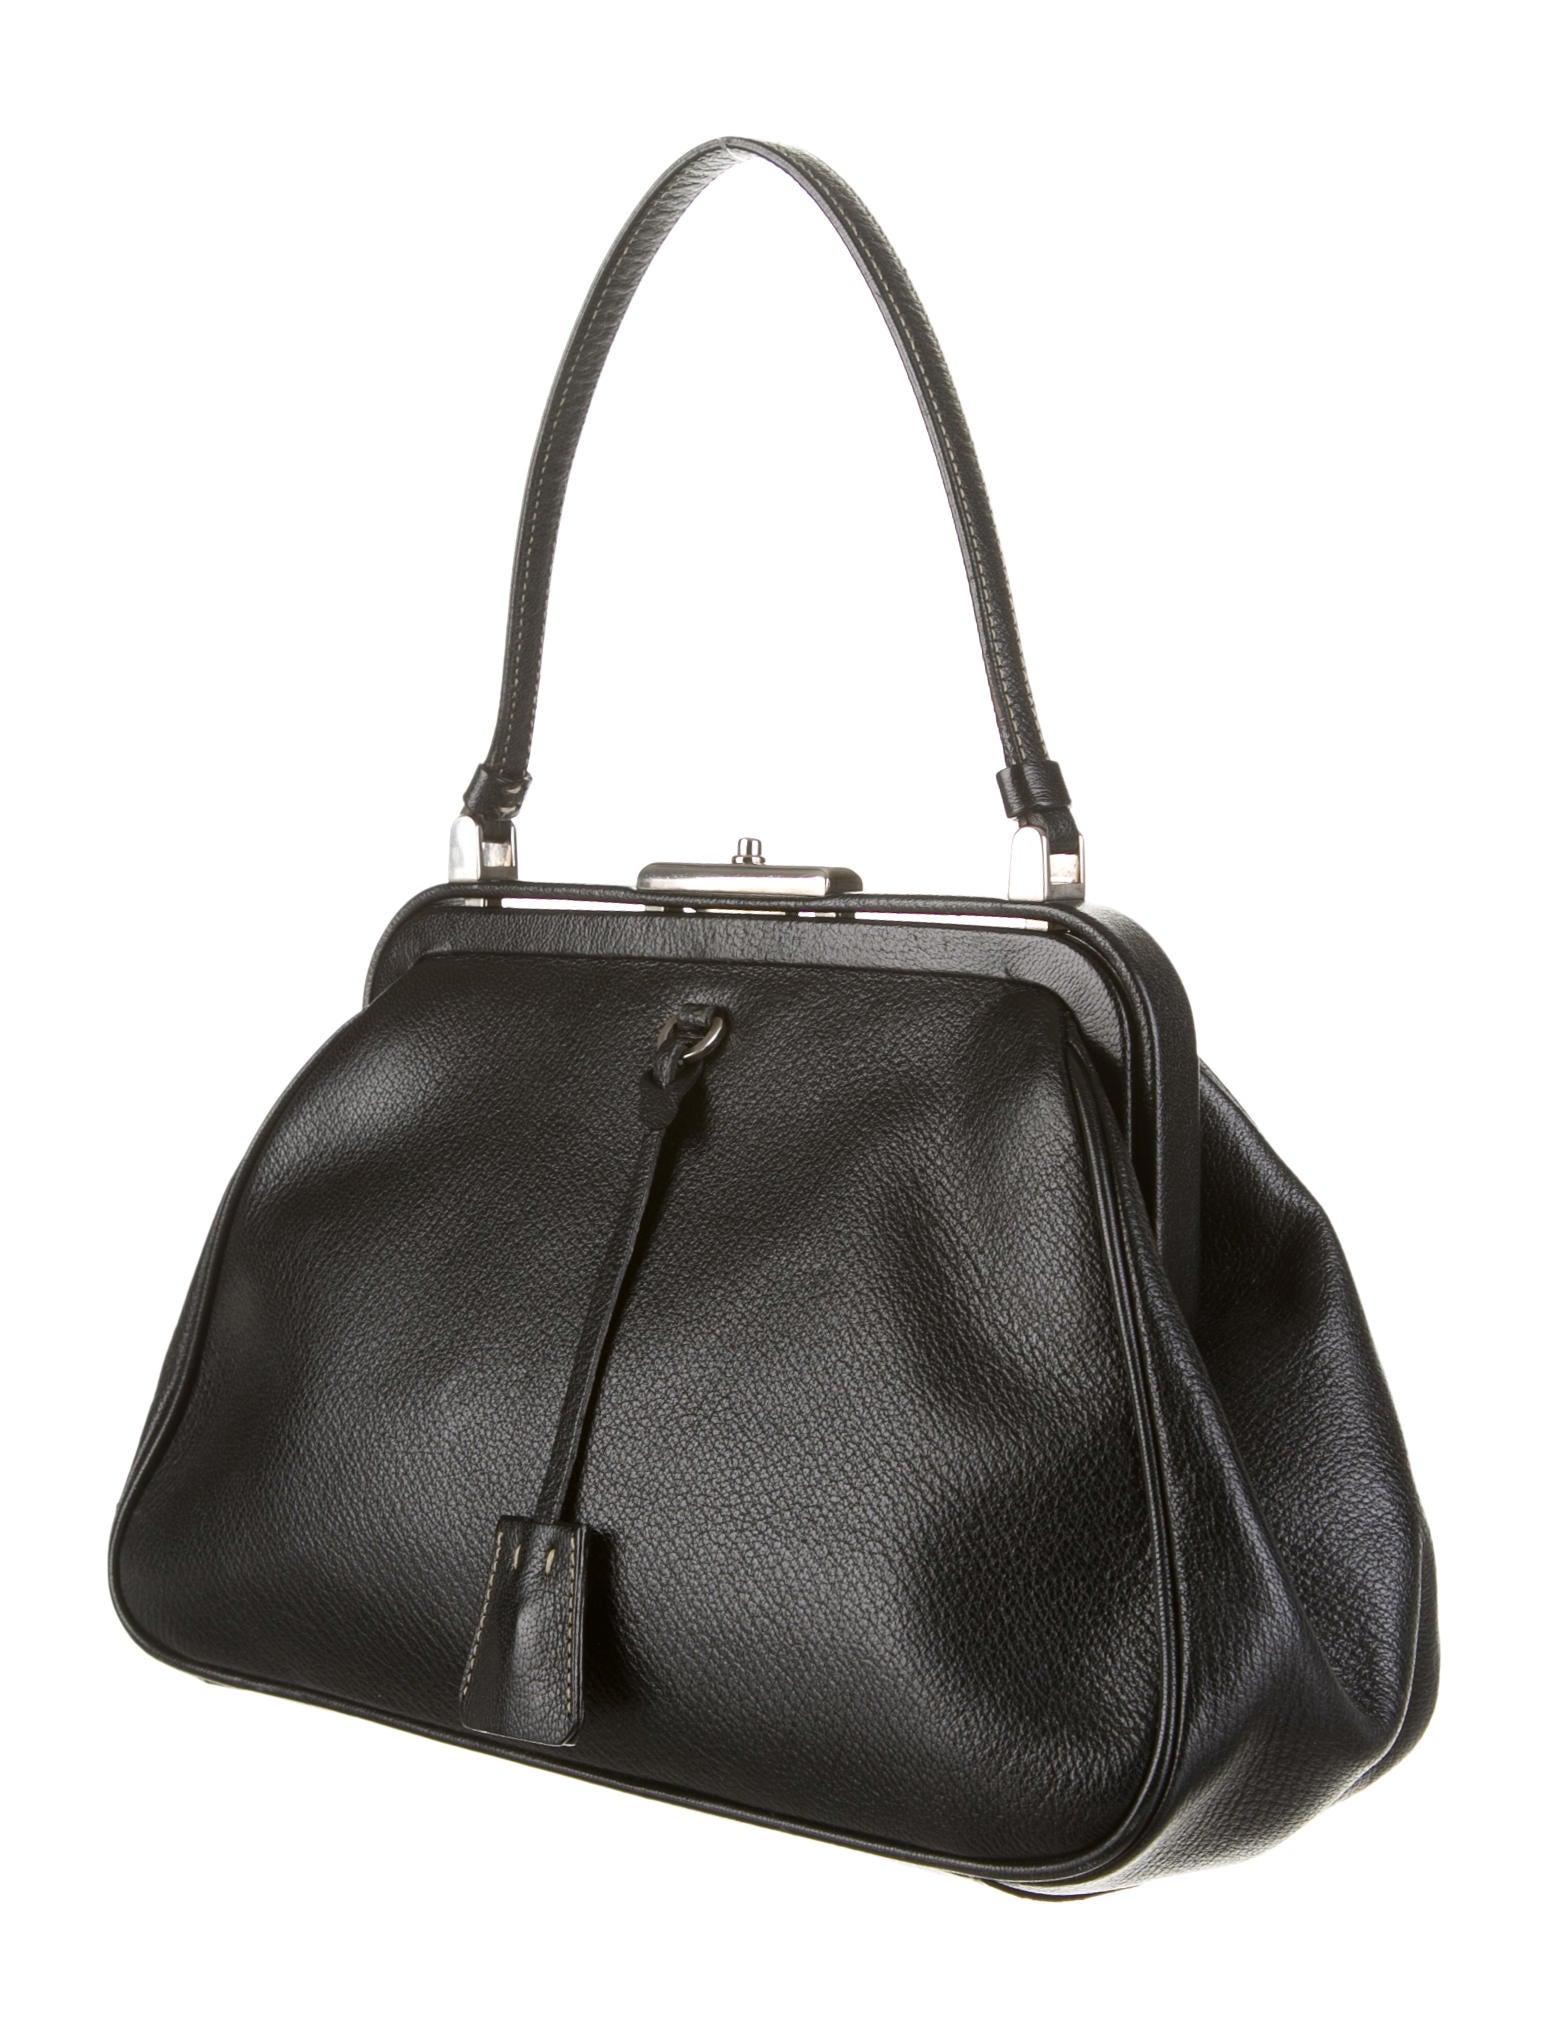 prada handbags cheap - Prada Madras Cerniera Doctor Bag - Handbags - PRA40524 | The RealReal